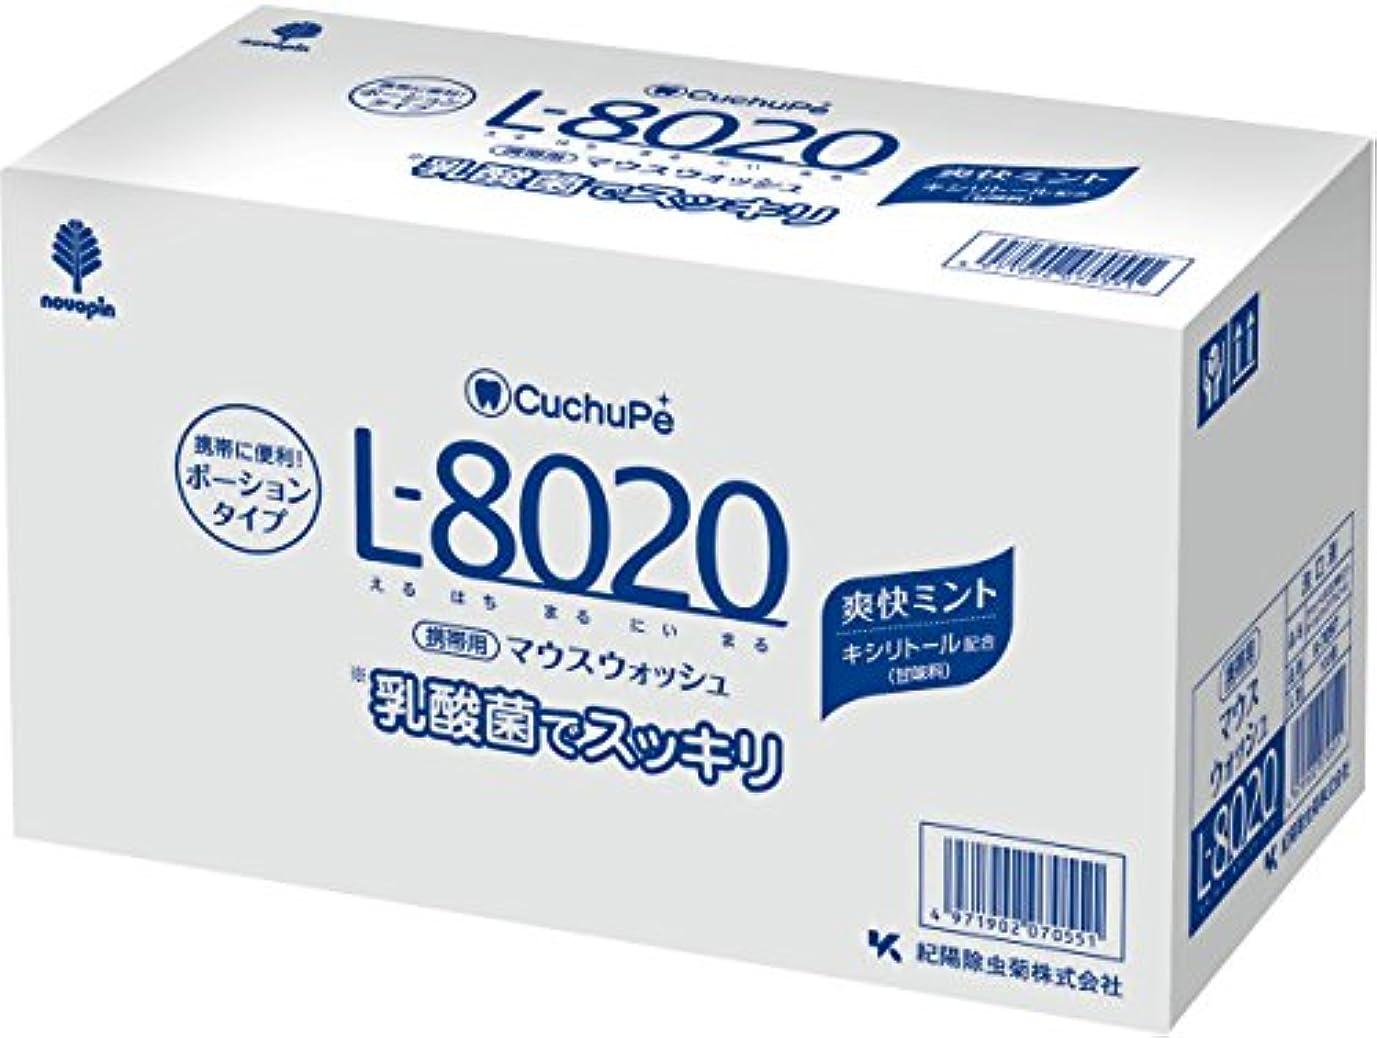 代替案毒咲く紀陽除虫菊 マウスウォッシュ クチュッペ L-8020 爽快ミント (キシリトール配合) ポーションタイプ 100個入